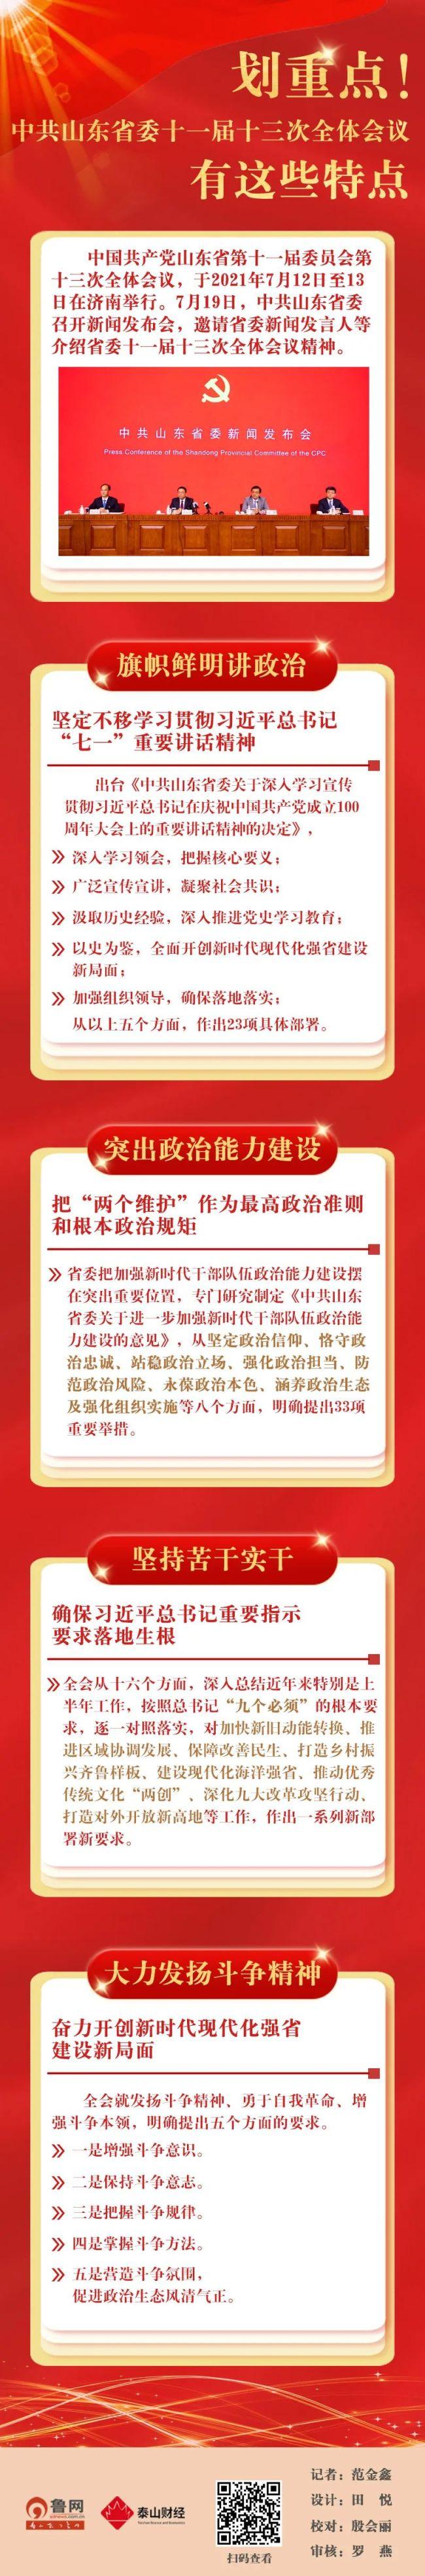 中共山东省委十一届十三次全体会议特点汇总